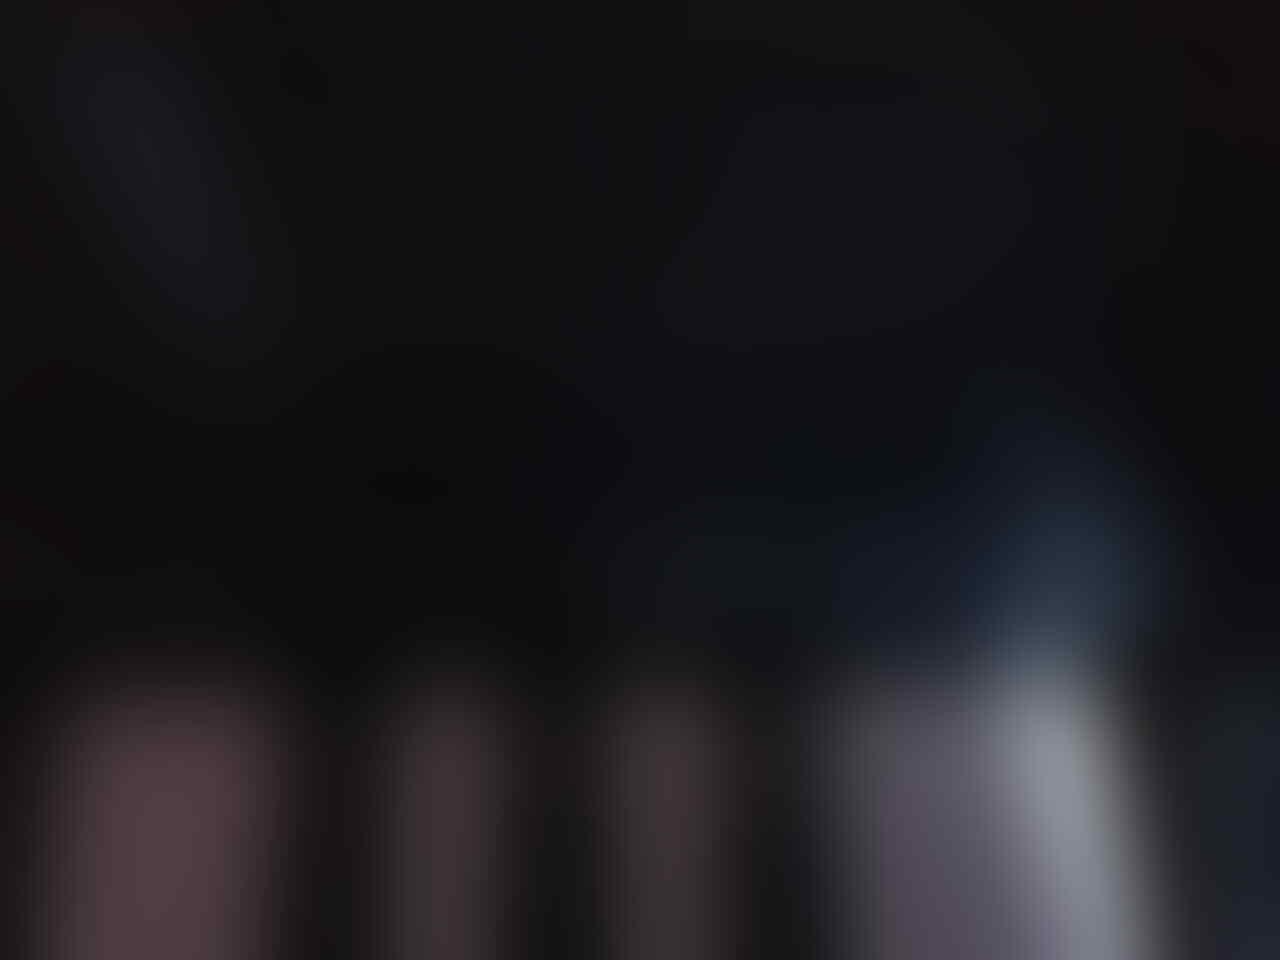 Jual Piano Ctk-3000 murah bingits,banget, BU, Butuh Uang, Bandar lampung